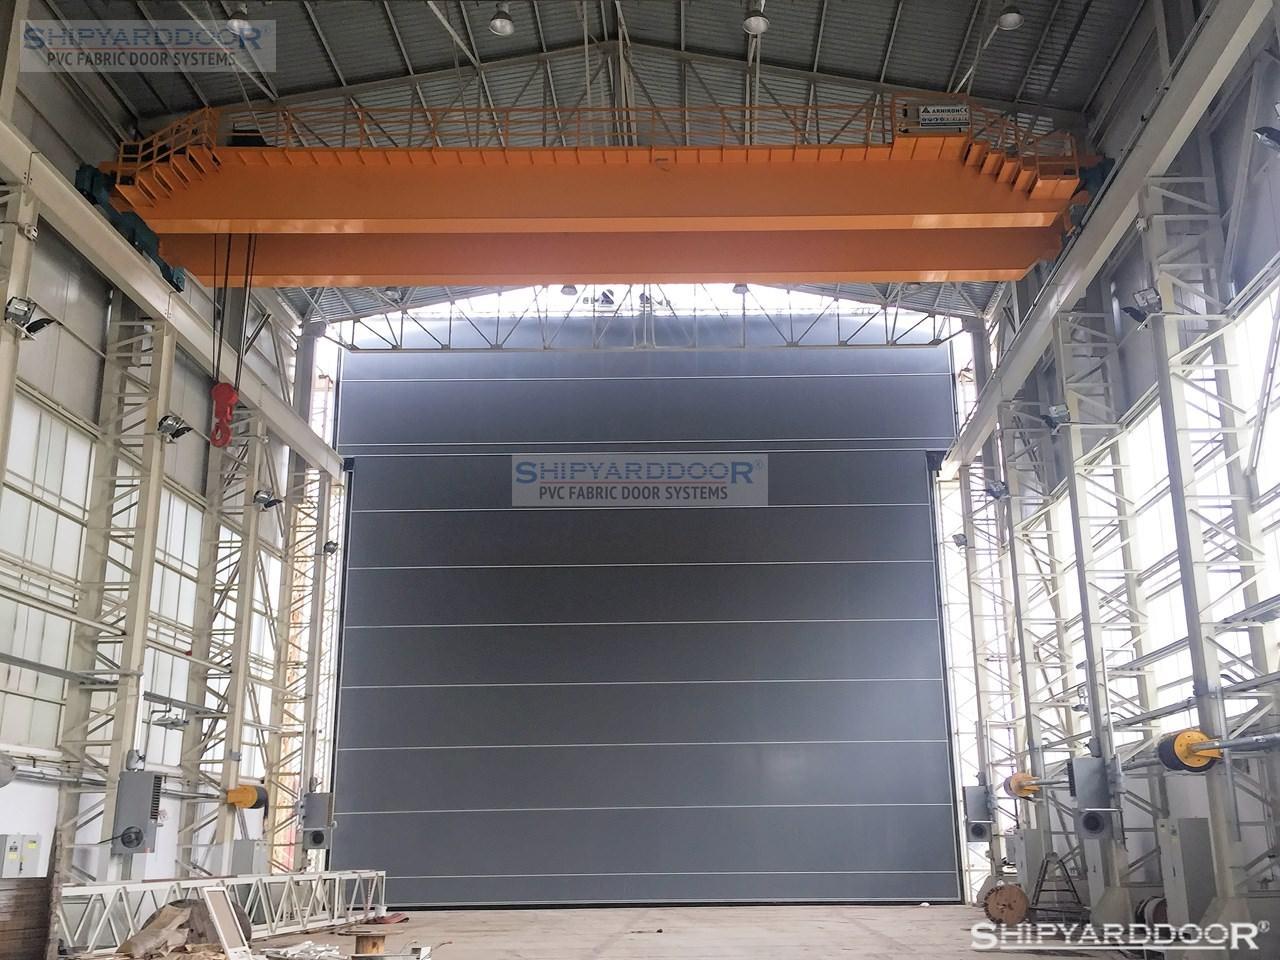 crane hangar door ic1 en shipyarddoor